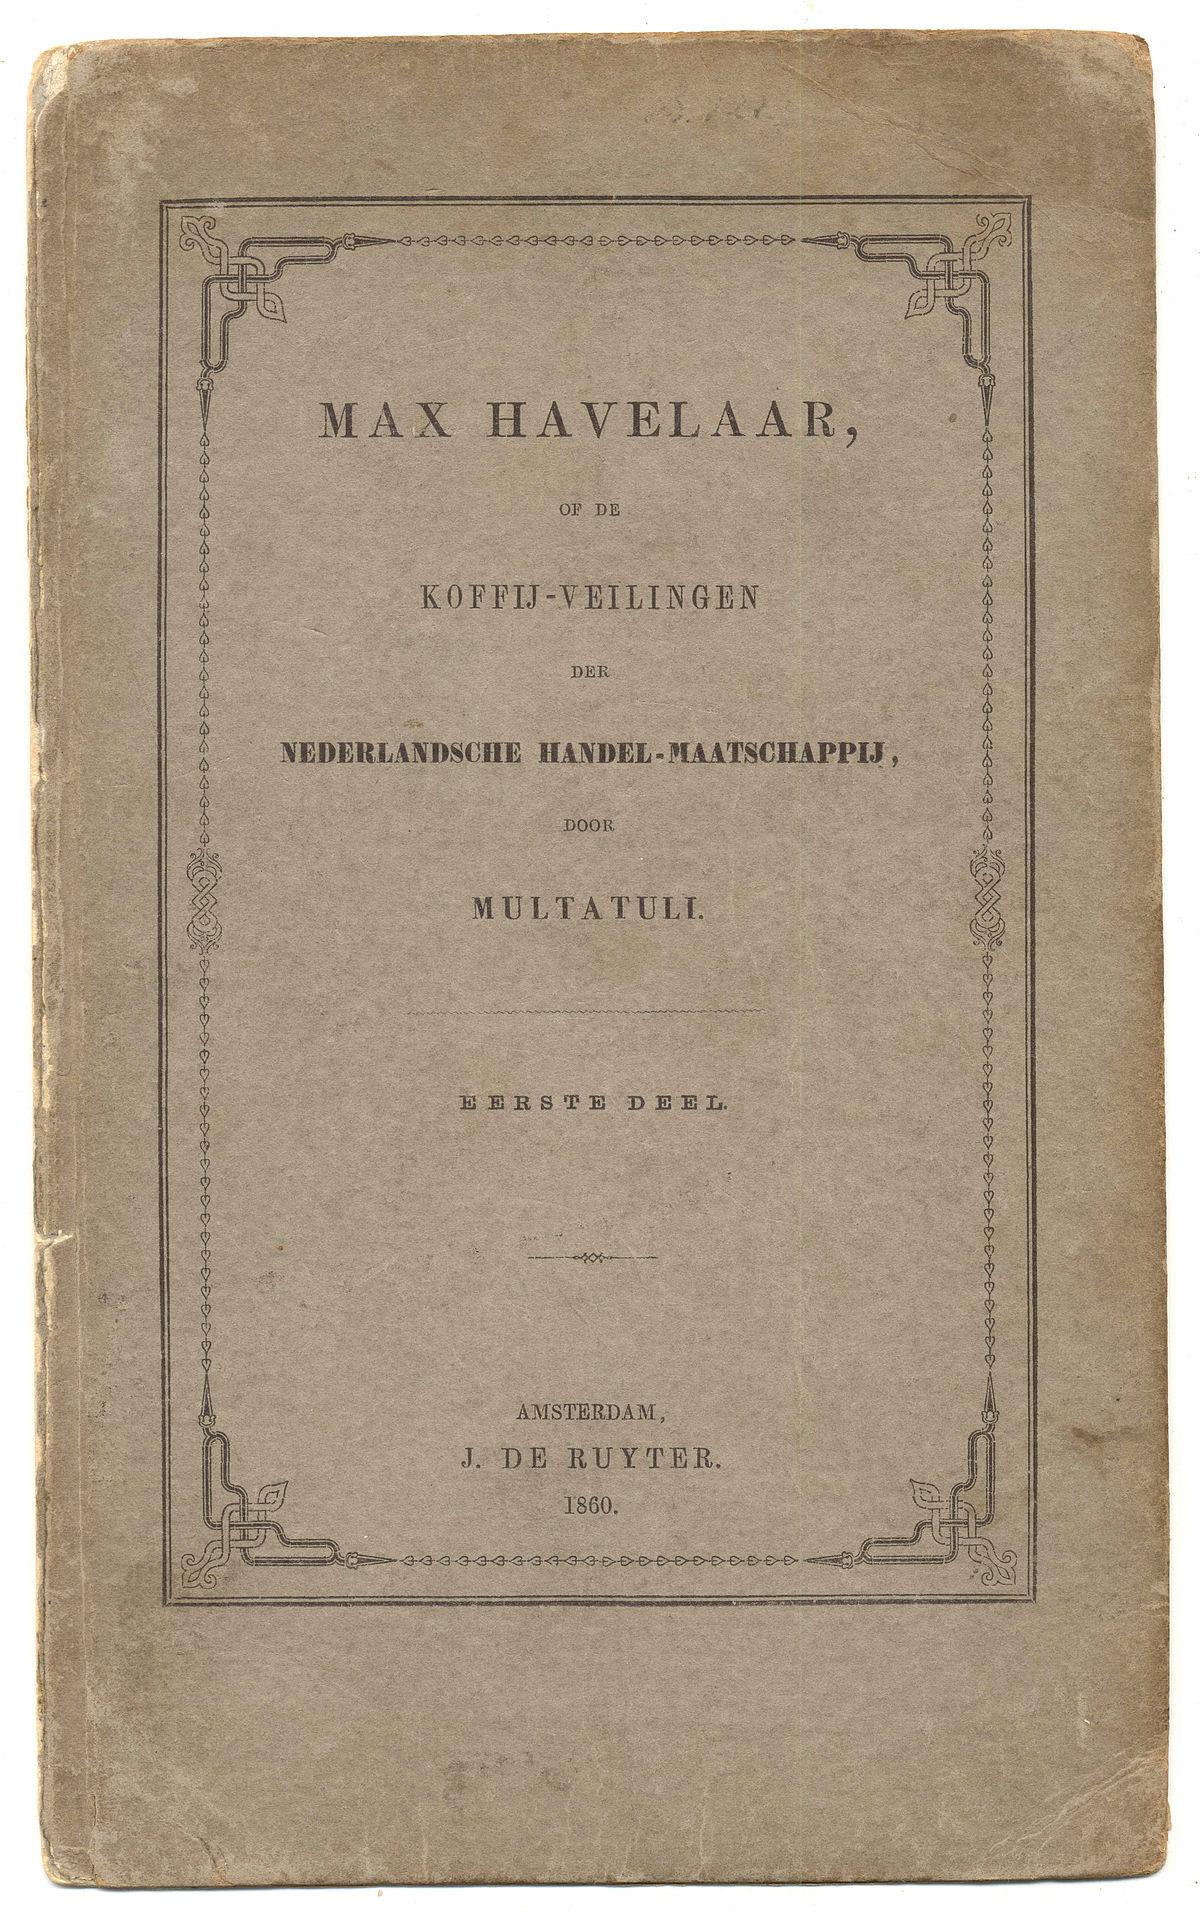 Citaten Uit Max Havelaar : Max havelaar boek wikipedia